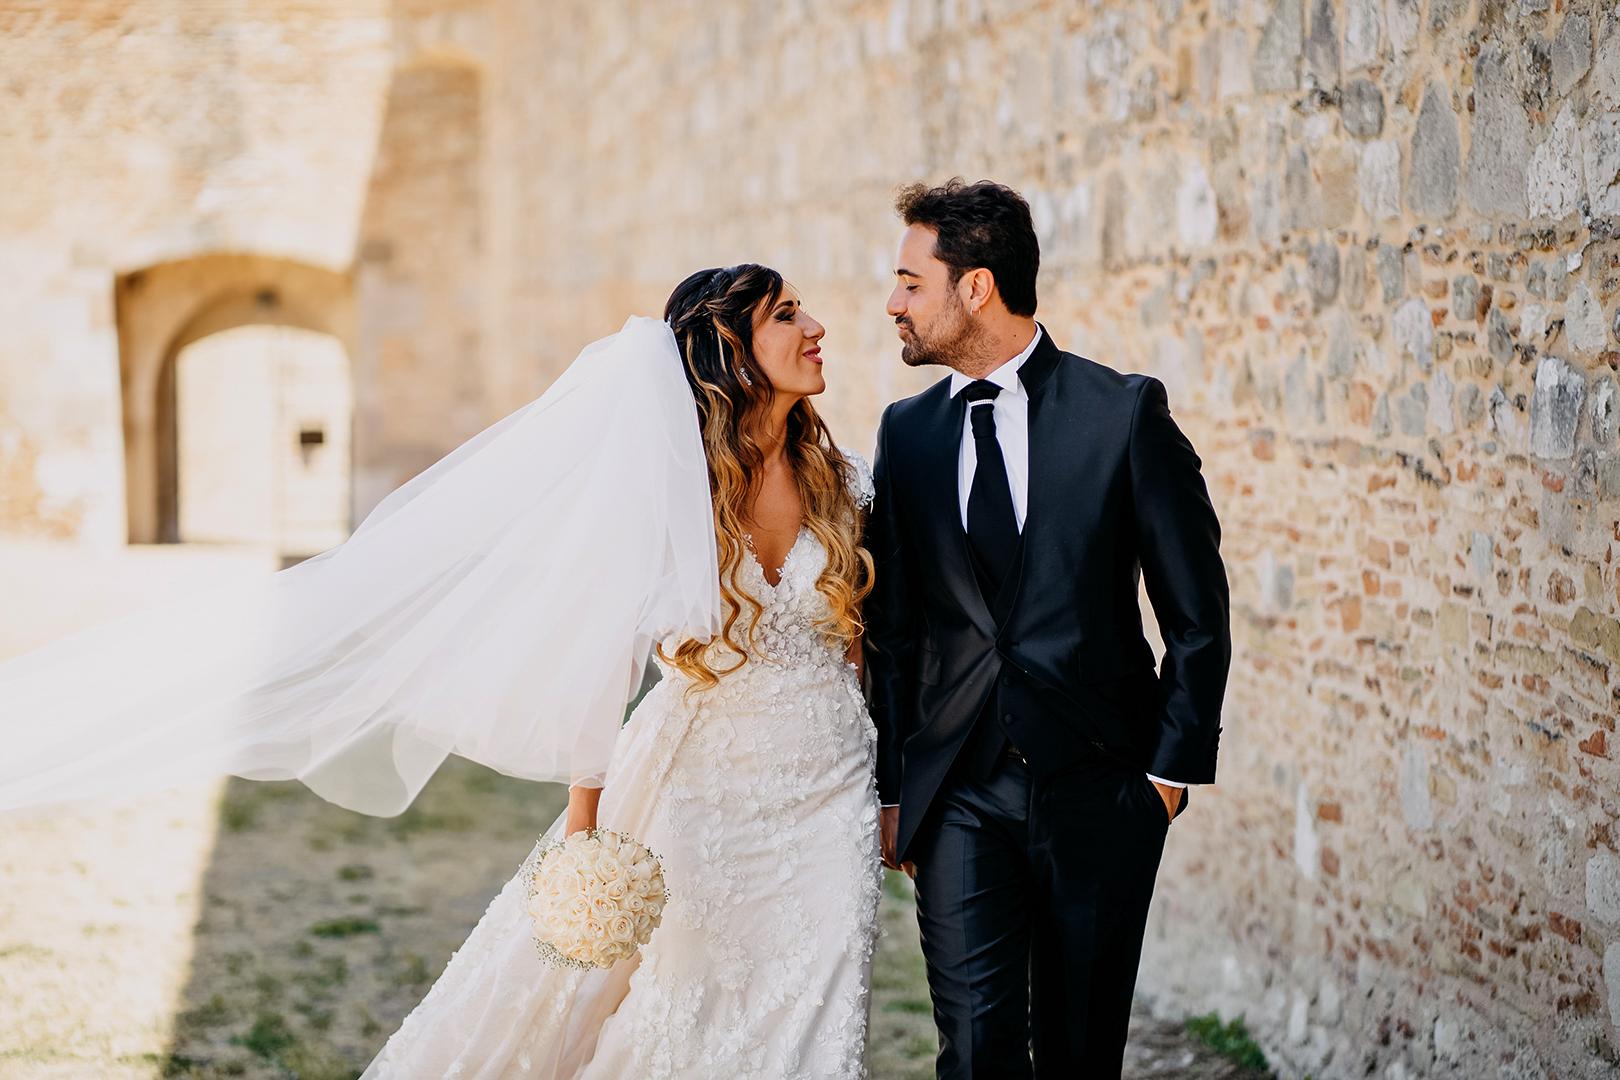 14 gianni-lepore-matrimonio-lucera-fotografo